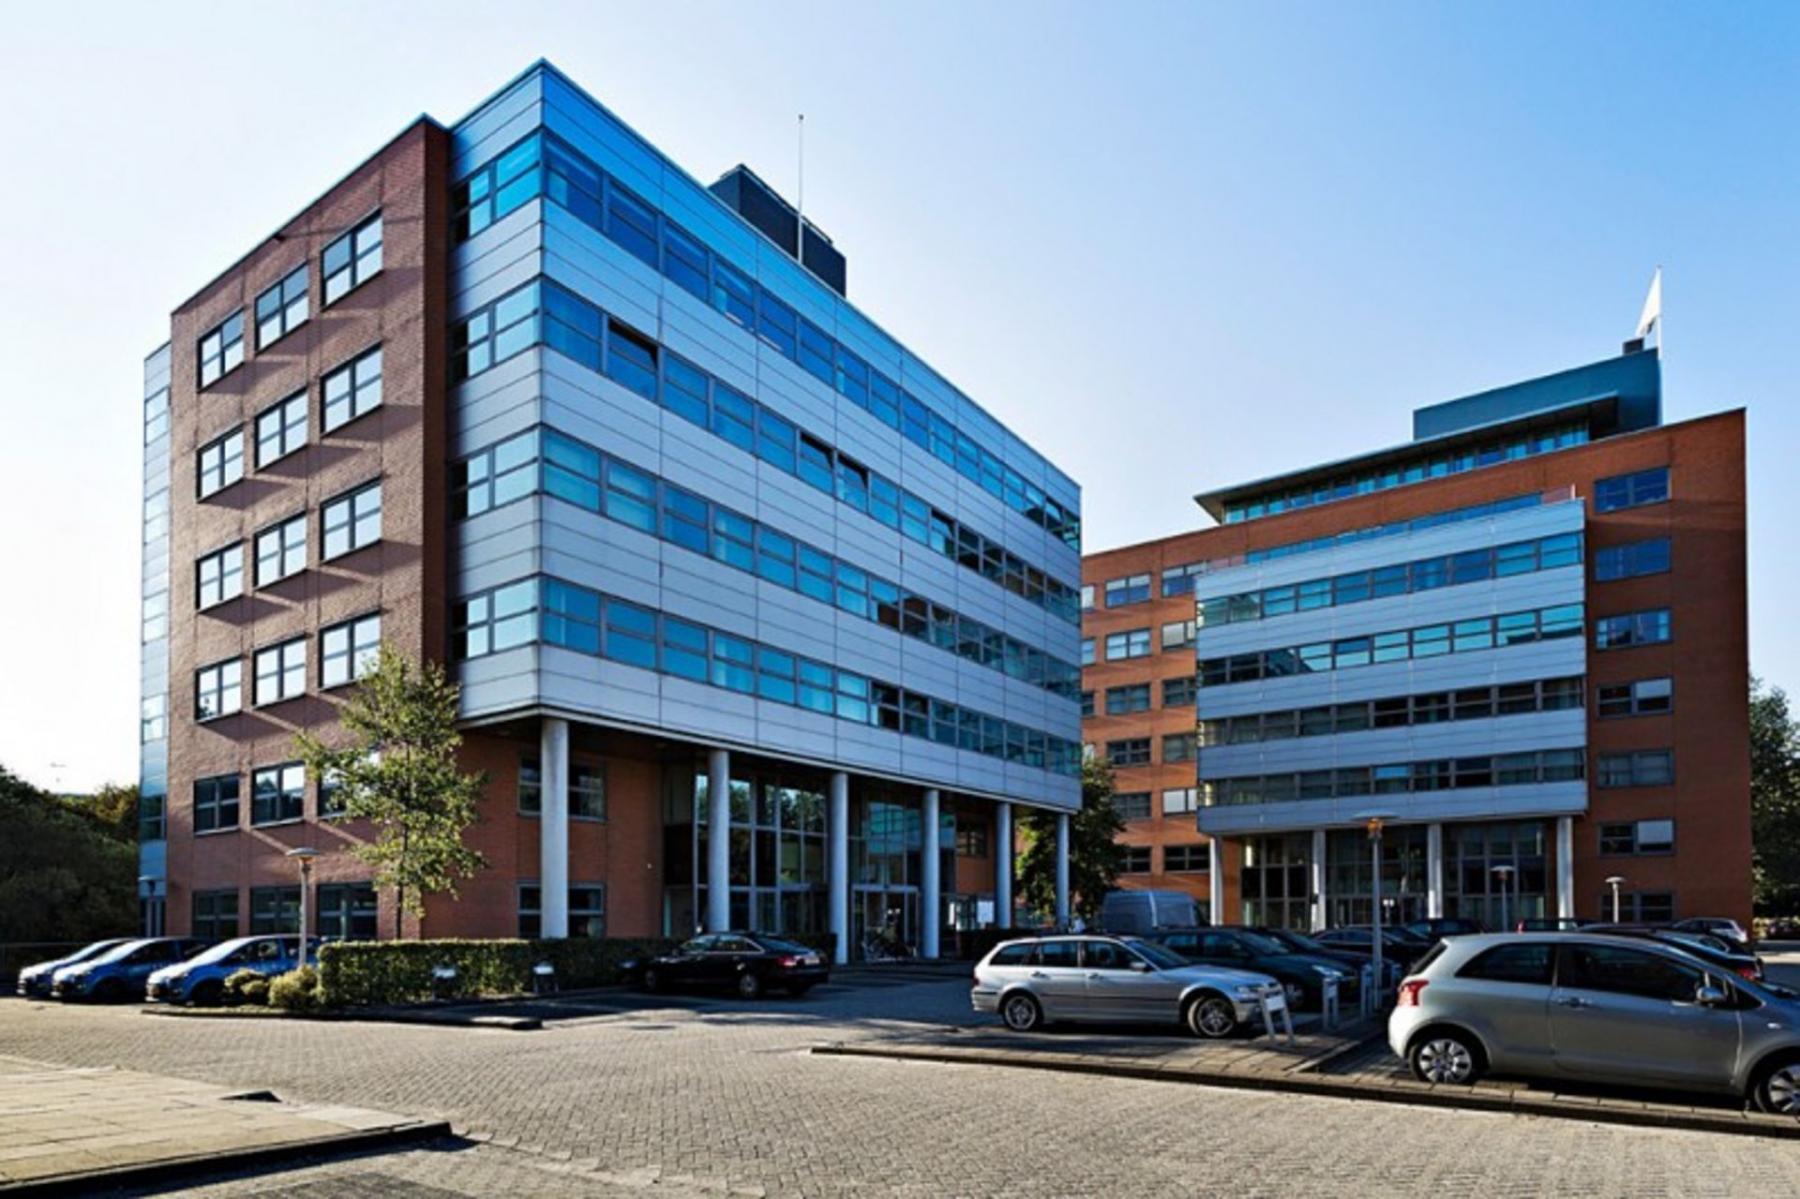 buitenkant kantoorgebouw Amsterdam Entrada ramen omgeving